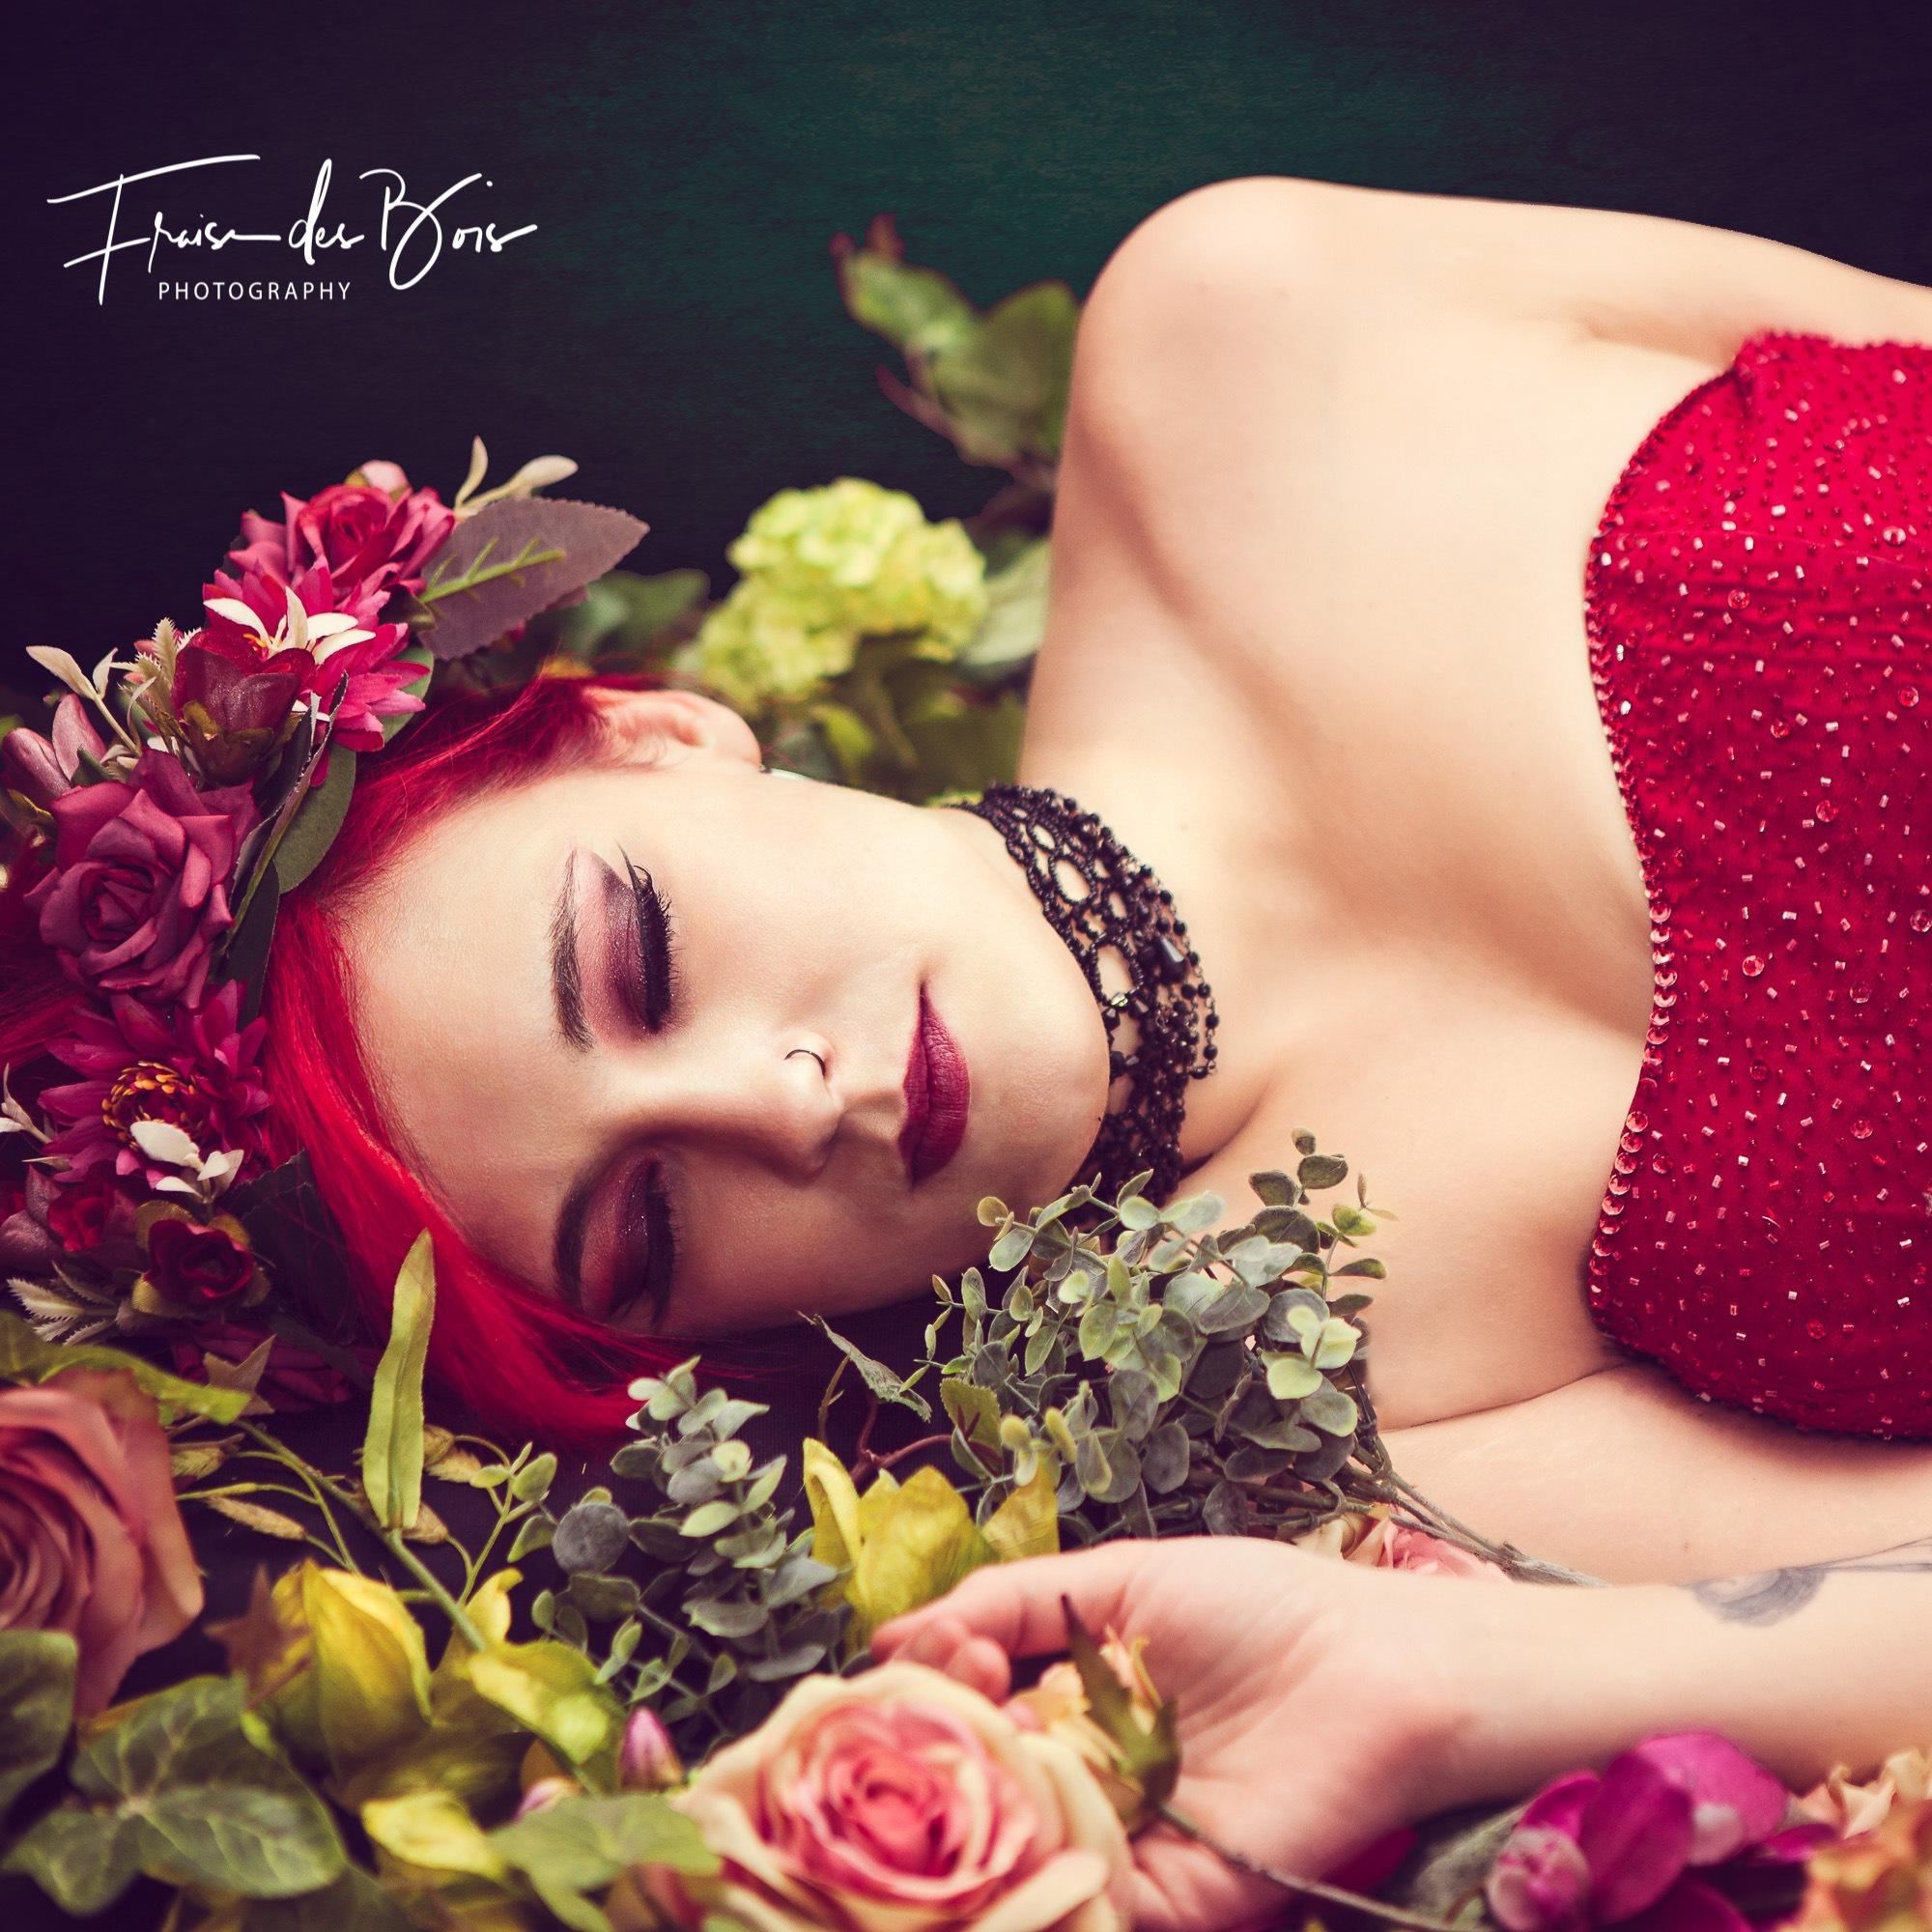 Au milieu des fleurs by Fraise des Bois